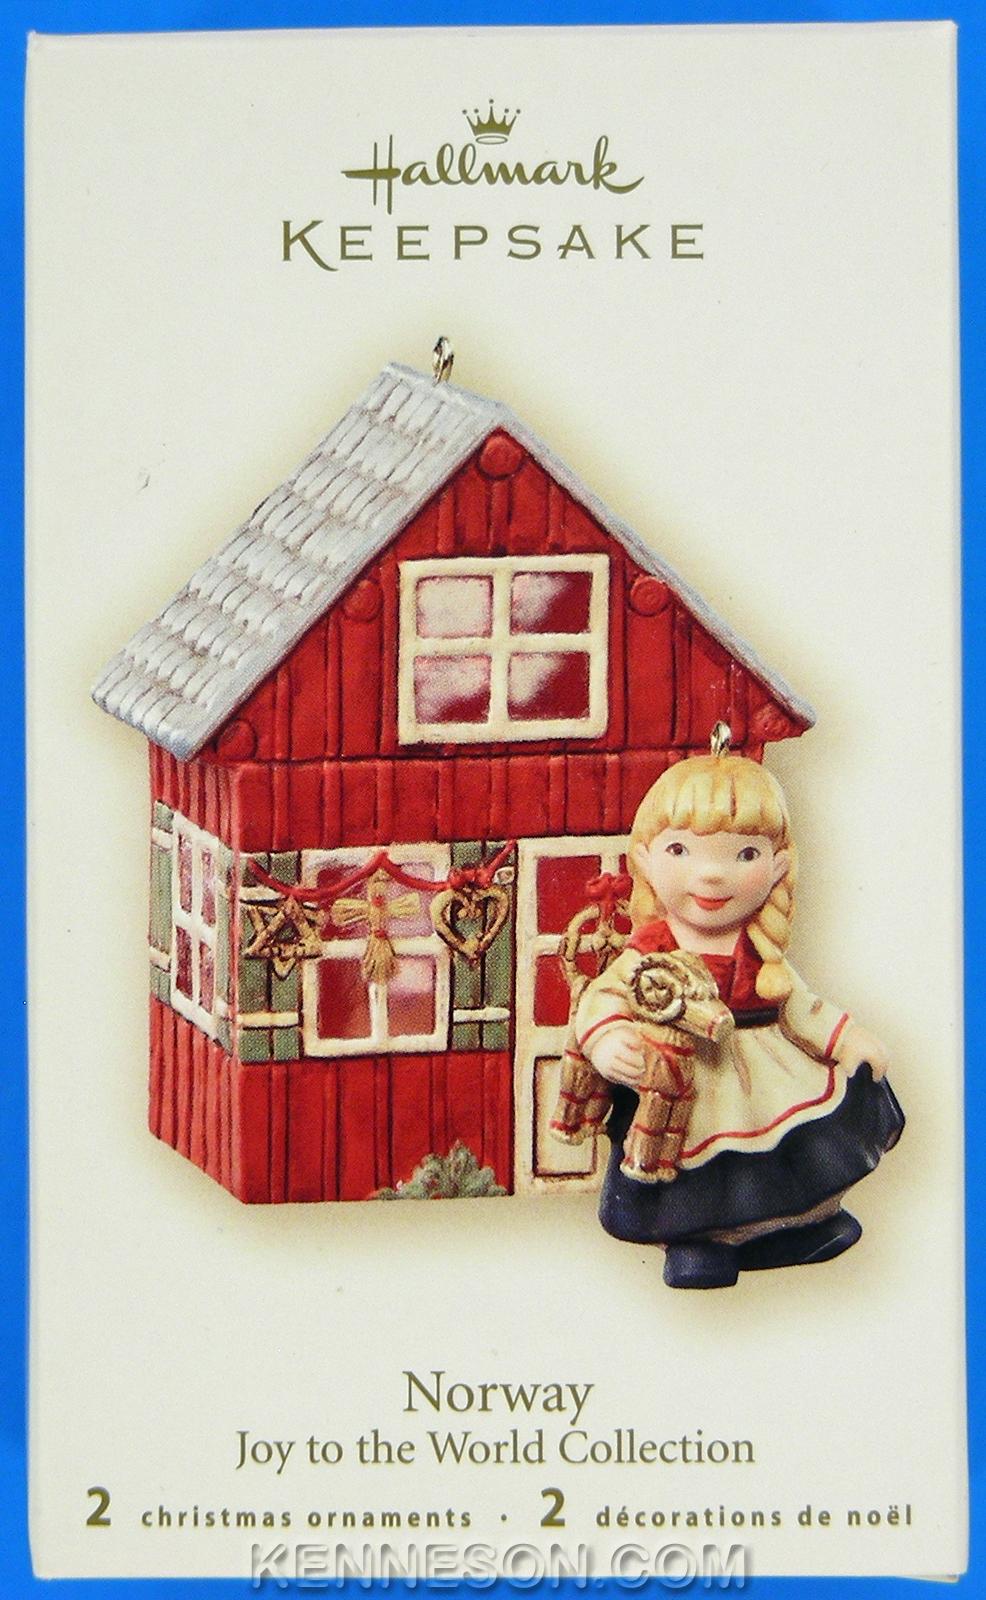 Joy to the World Collection Norway 2 Hallmark Keepsake ...